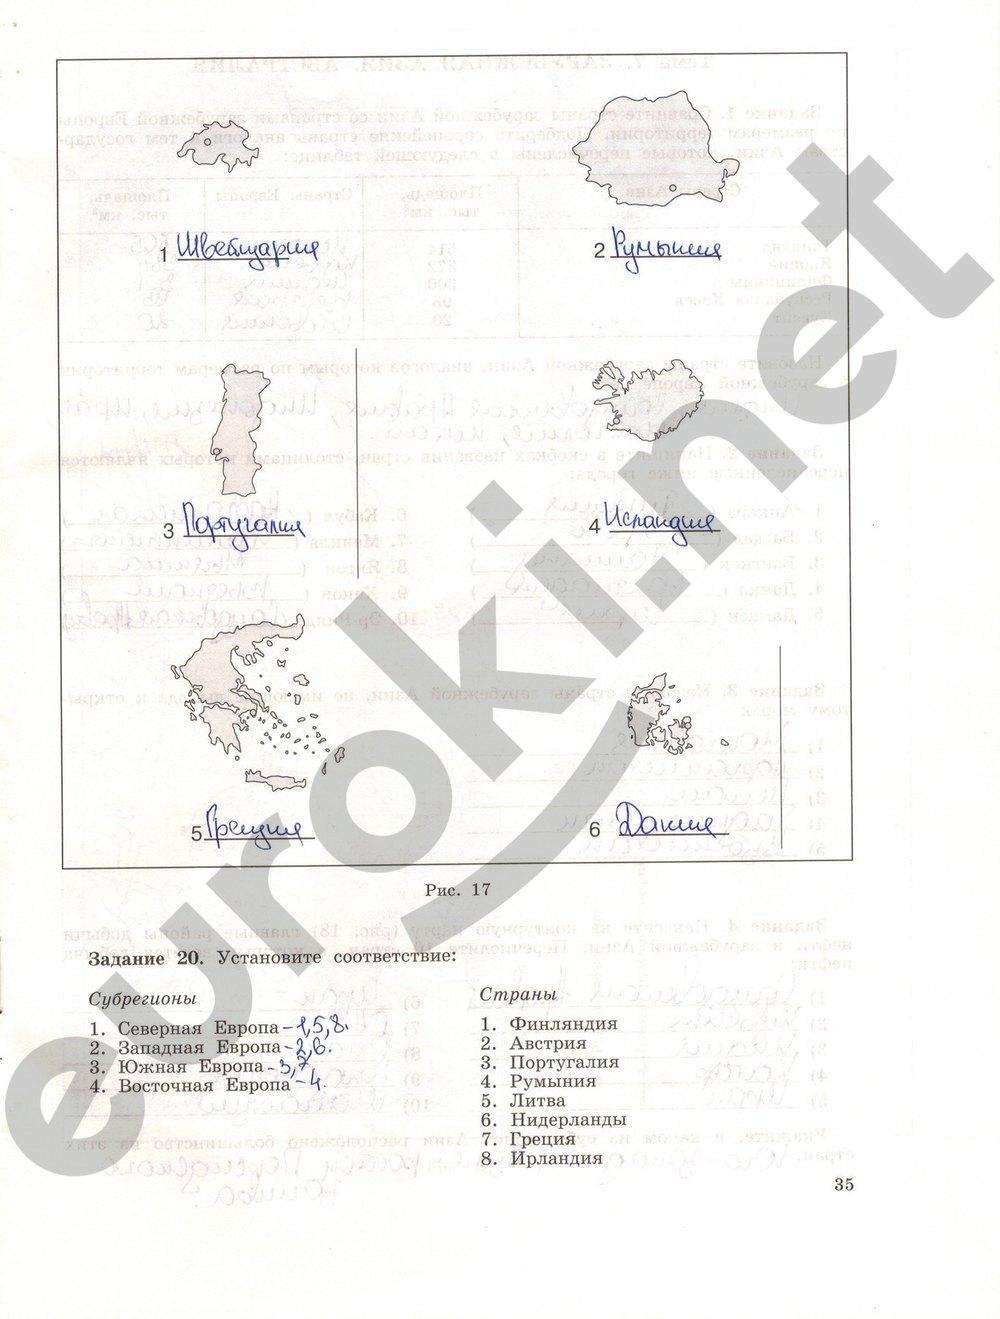 Гдз на рабочую тетрадь по географии 11 класс максаковский